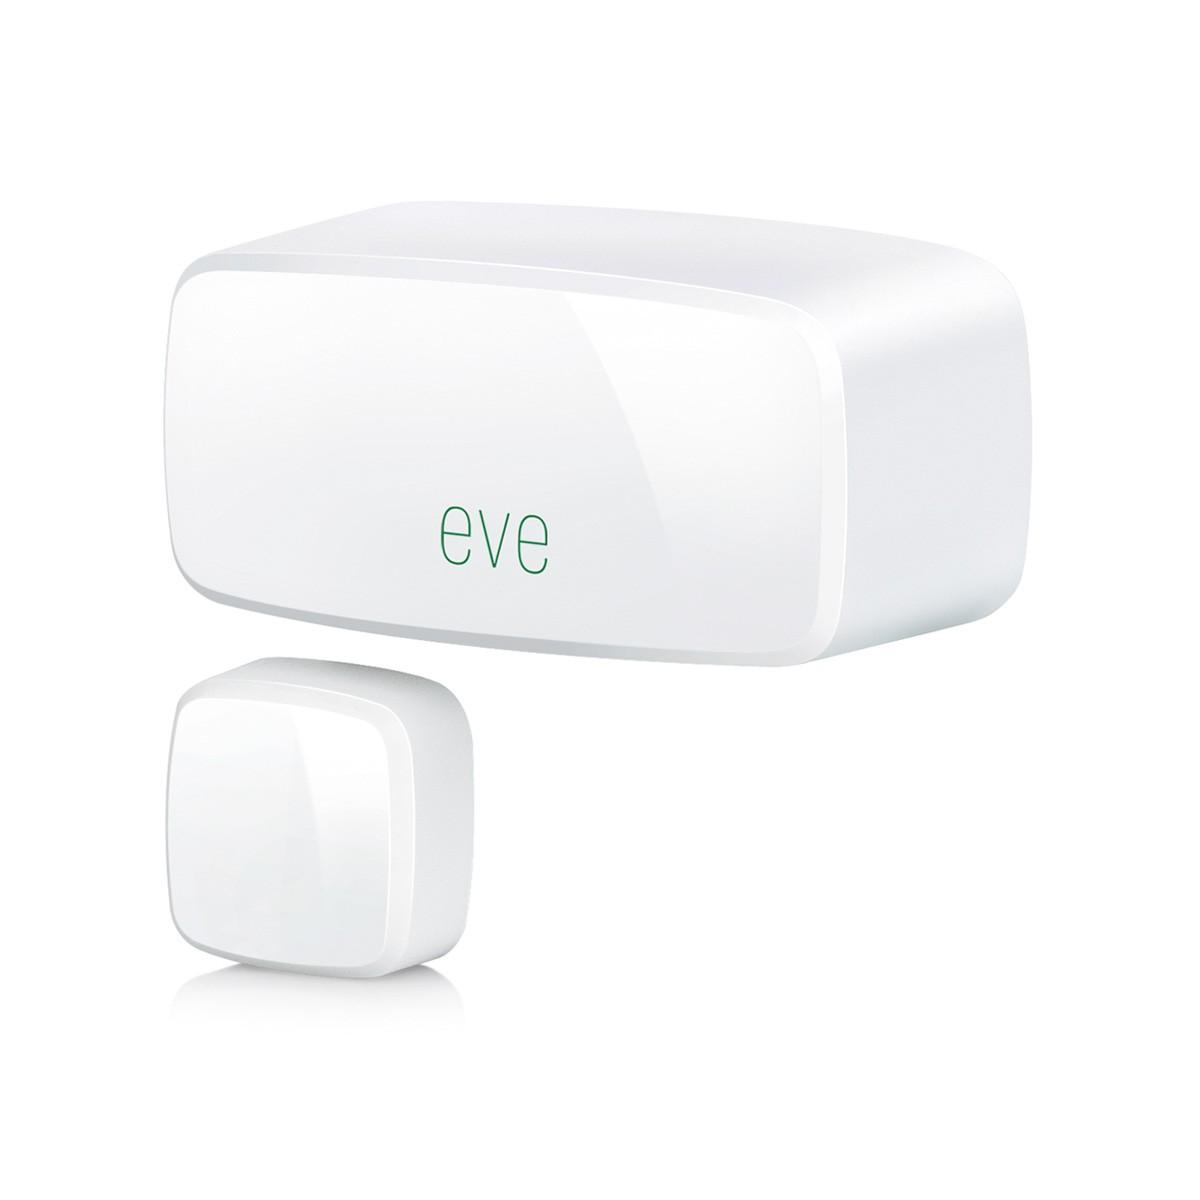 Elgato - Eve vezetéknélküli ajtó/ablak szenzor